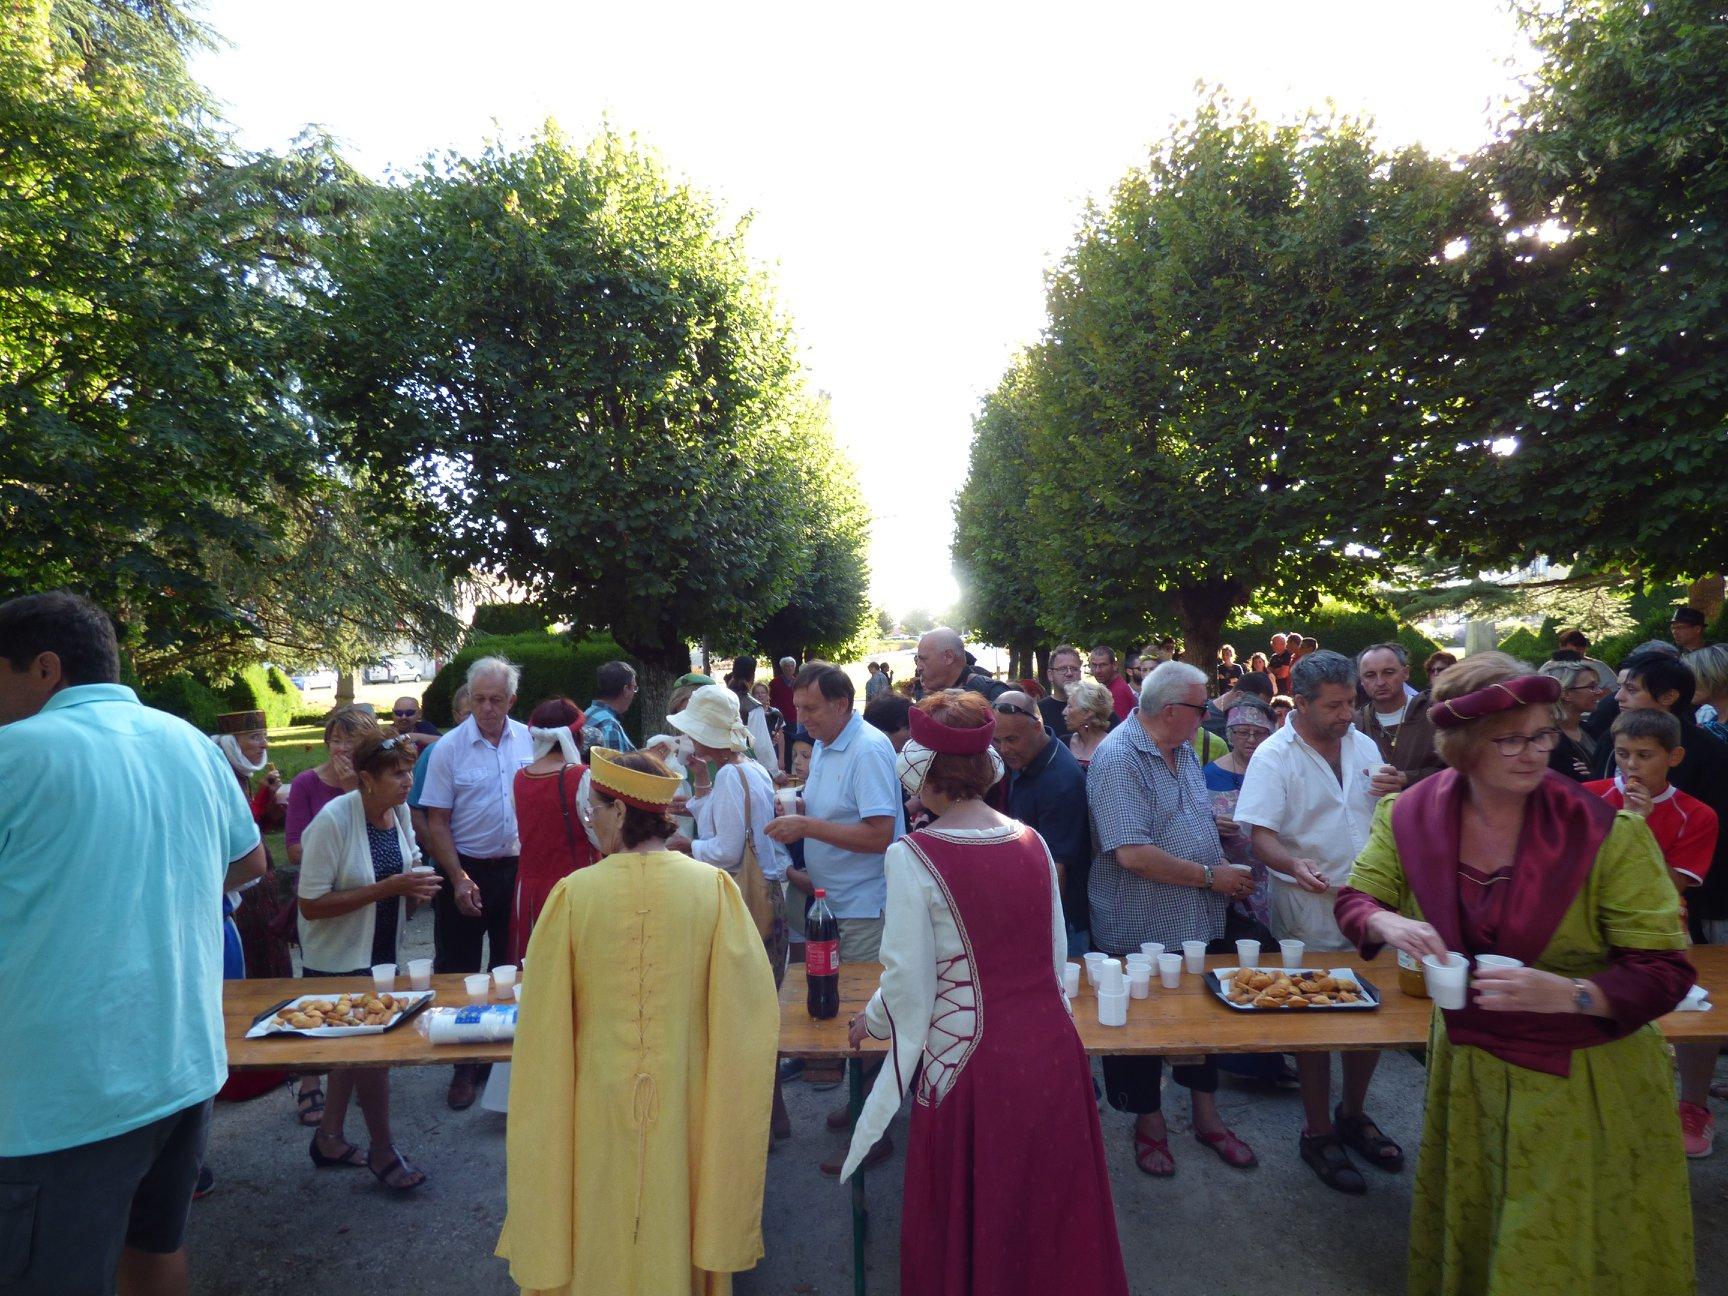 Fête médiévale Pons juillet 2018 - 38